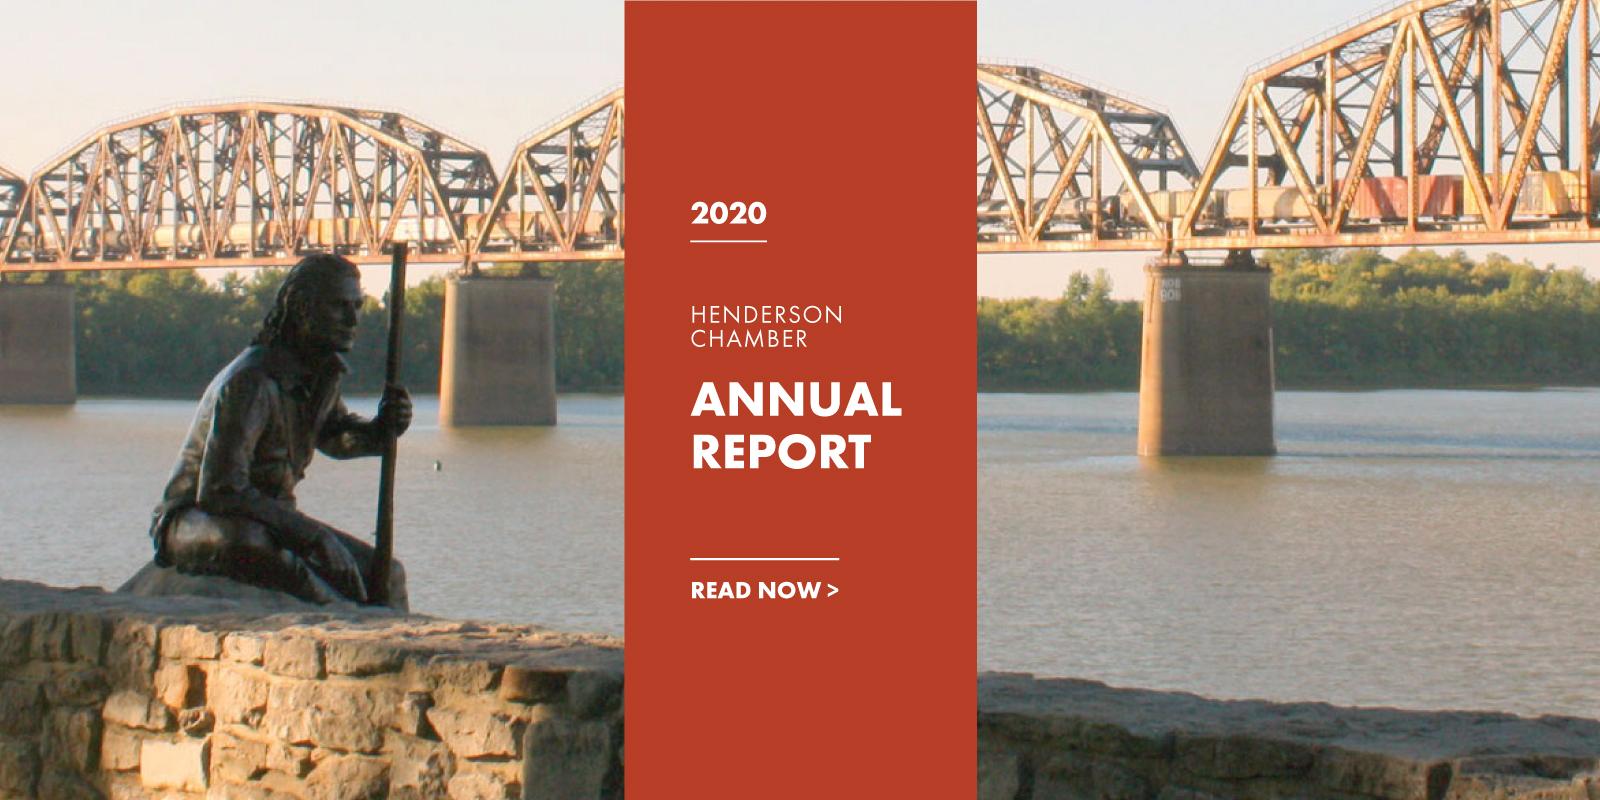 HendersonChamber_AnnualReport